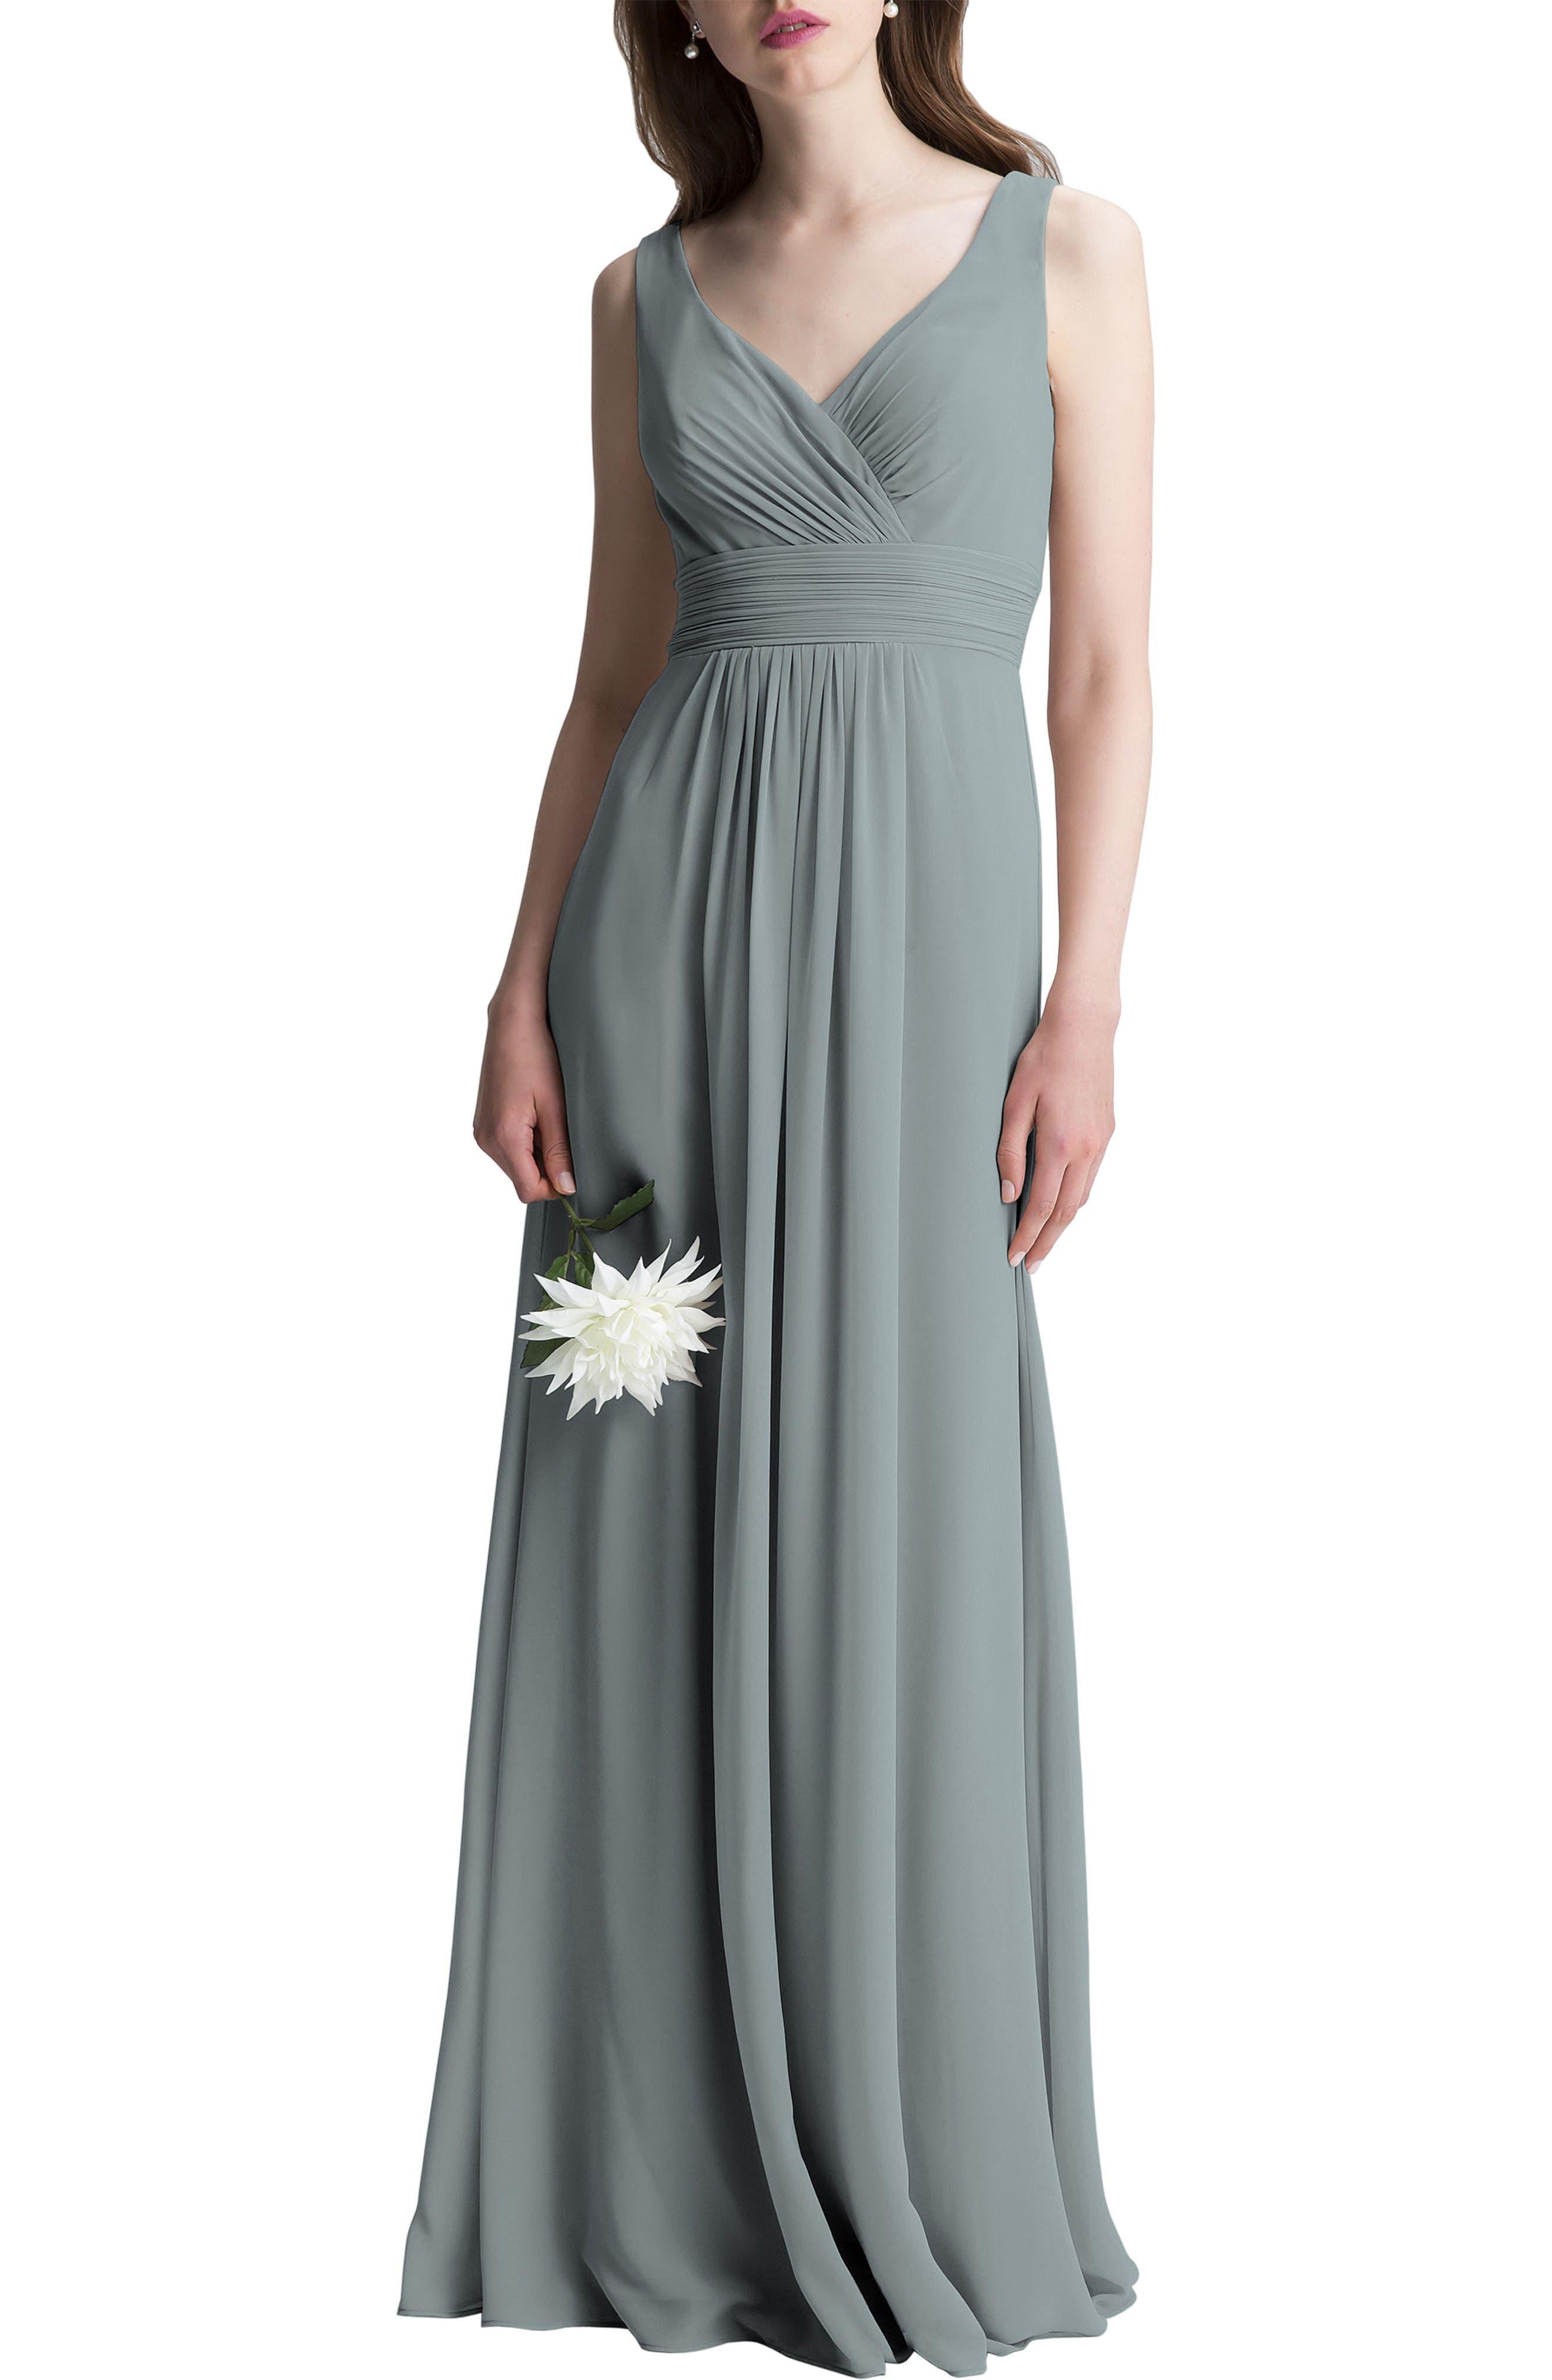 #levkoff V-Neck Chiffon A-Line Gown, 8 (similar to 16W) - Grey